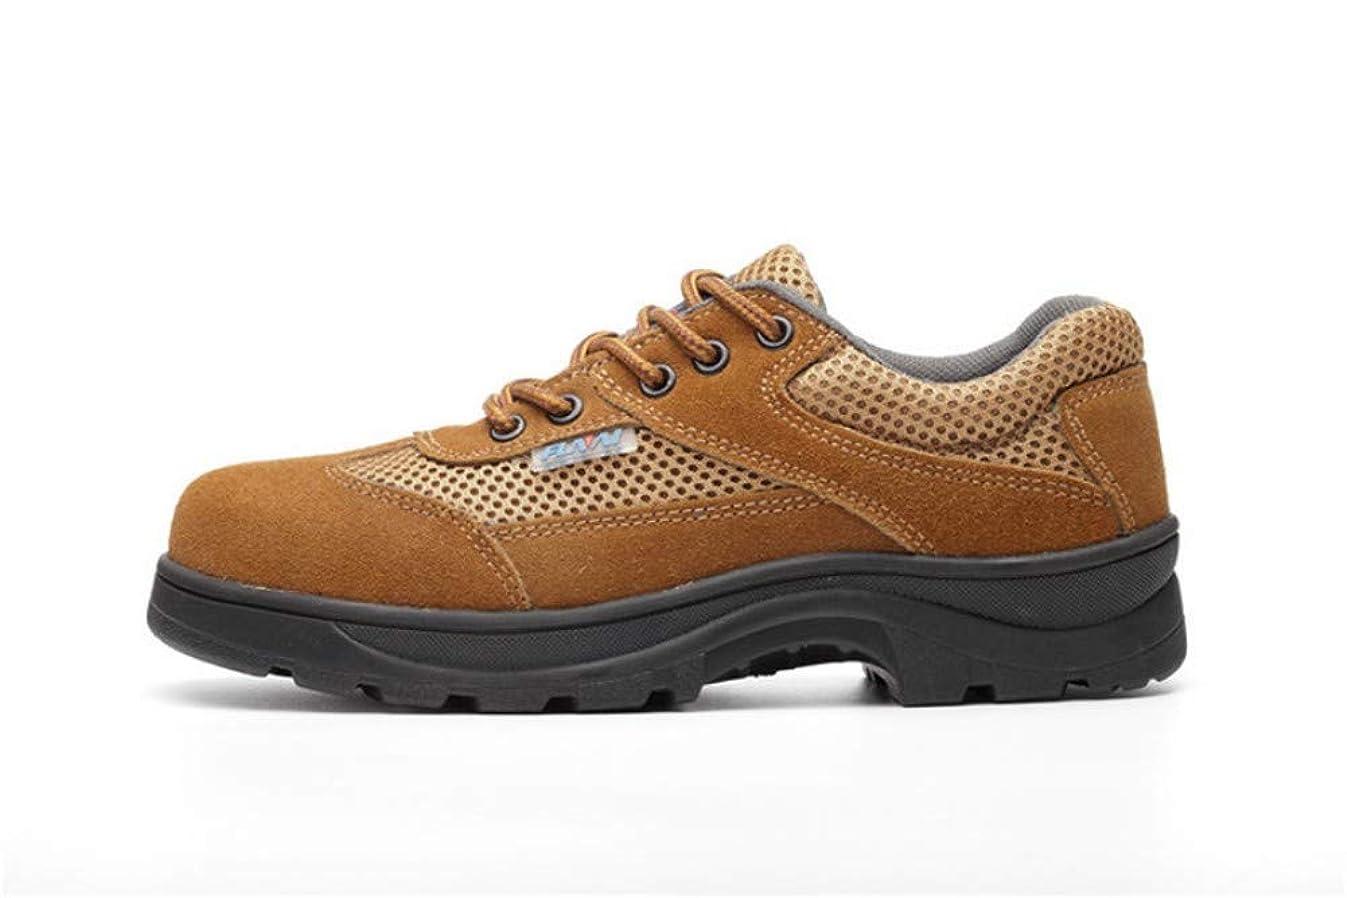 小学生猛烈なペデスタル[YIKAIFEI] 安全靴 作業靴 メンズ レディース 登山靴 つま先保護 耐磨耗 衝撃吸収